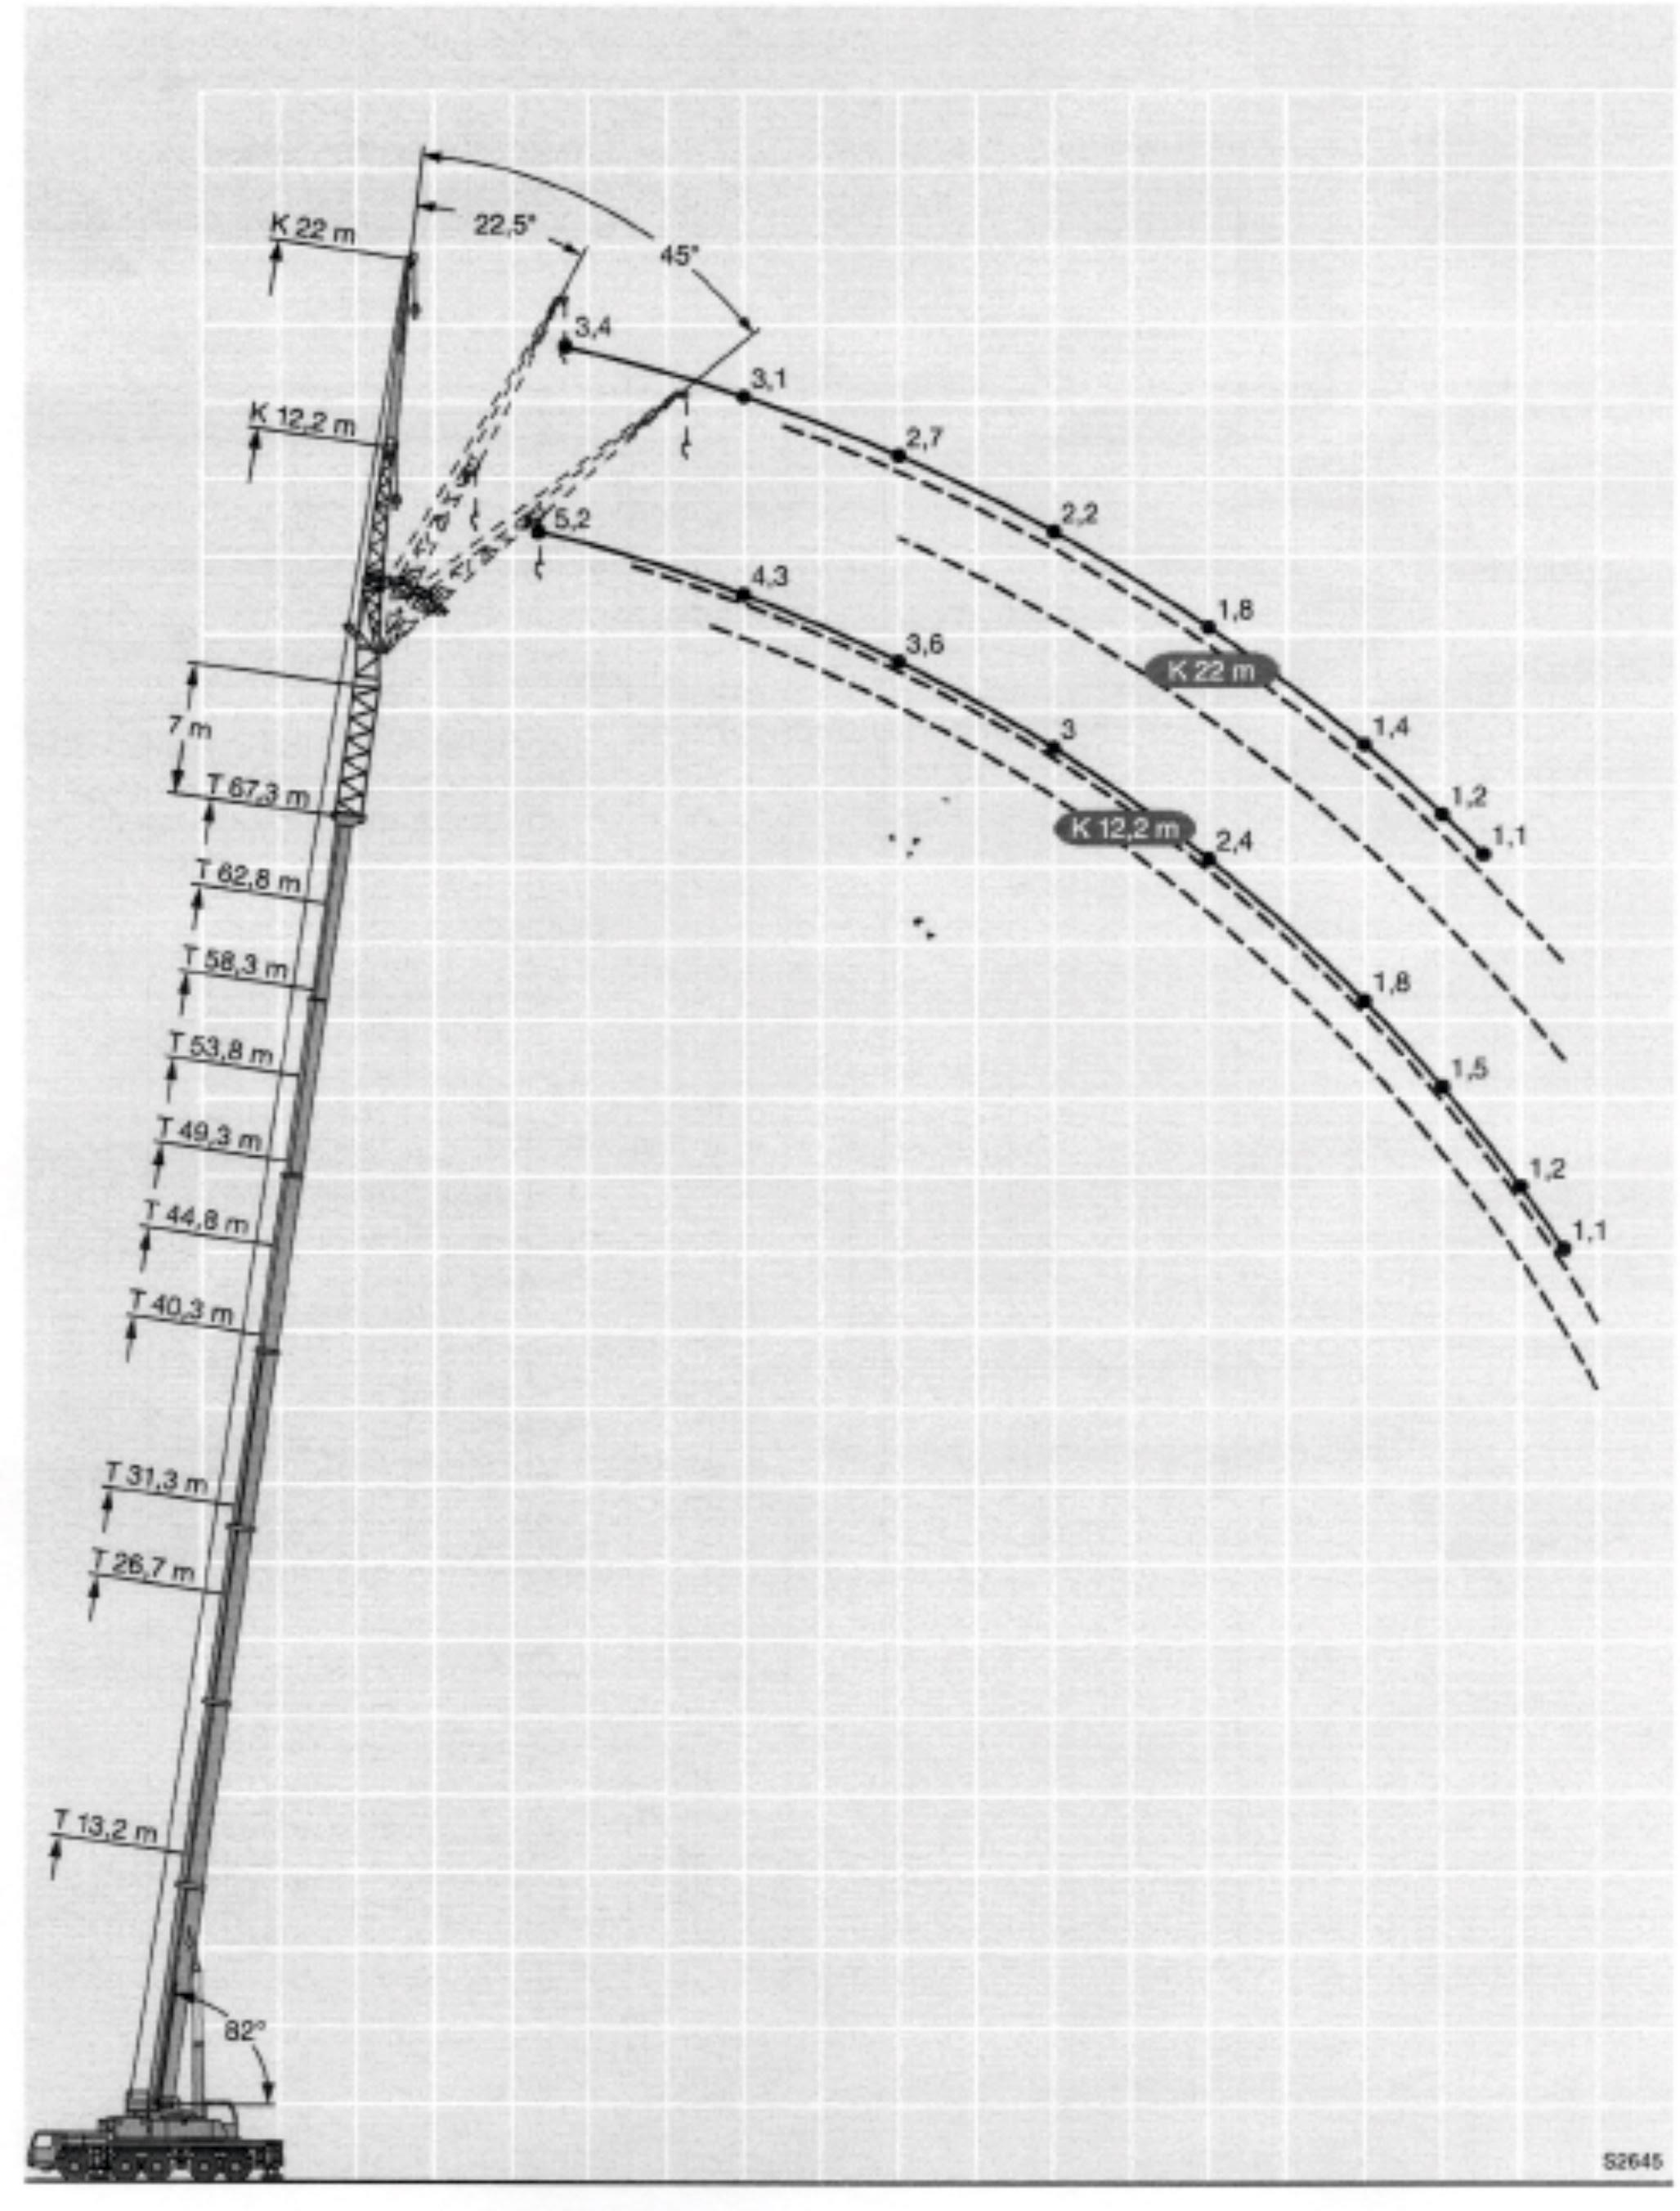 Inchiriere macara 220 de tone - diagrama 220 tone